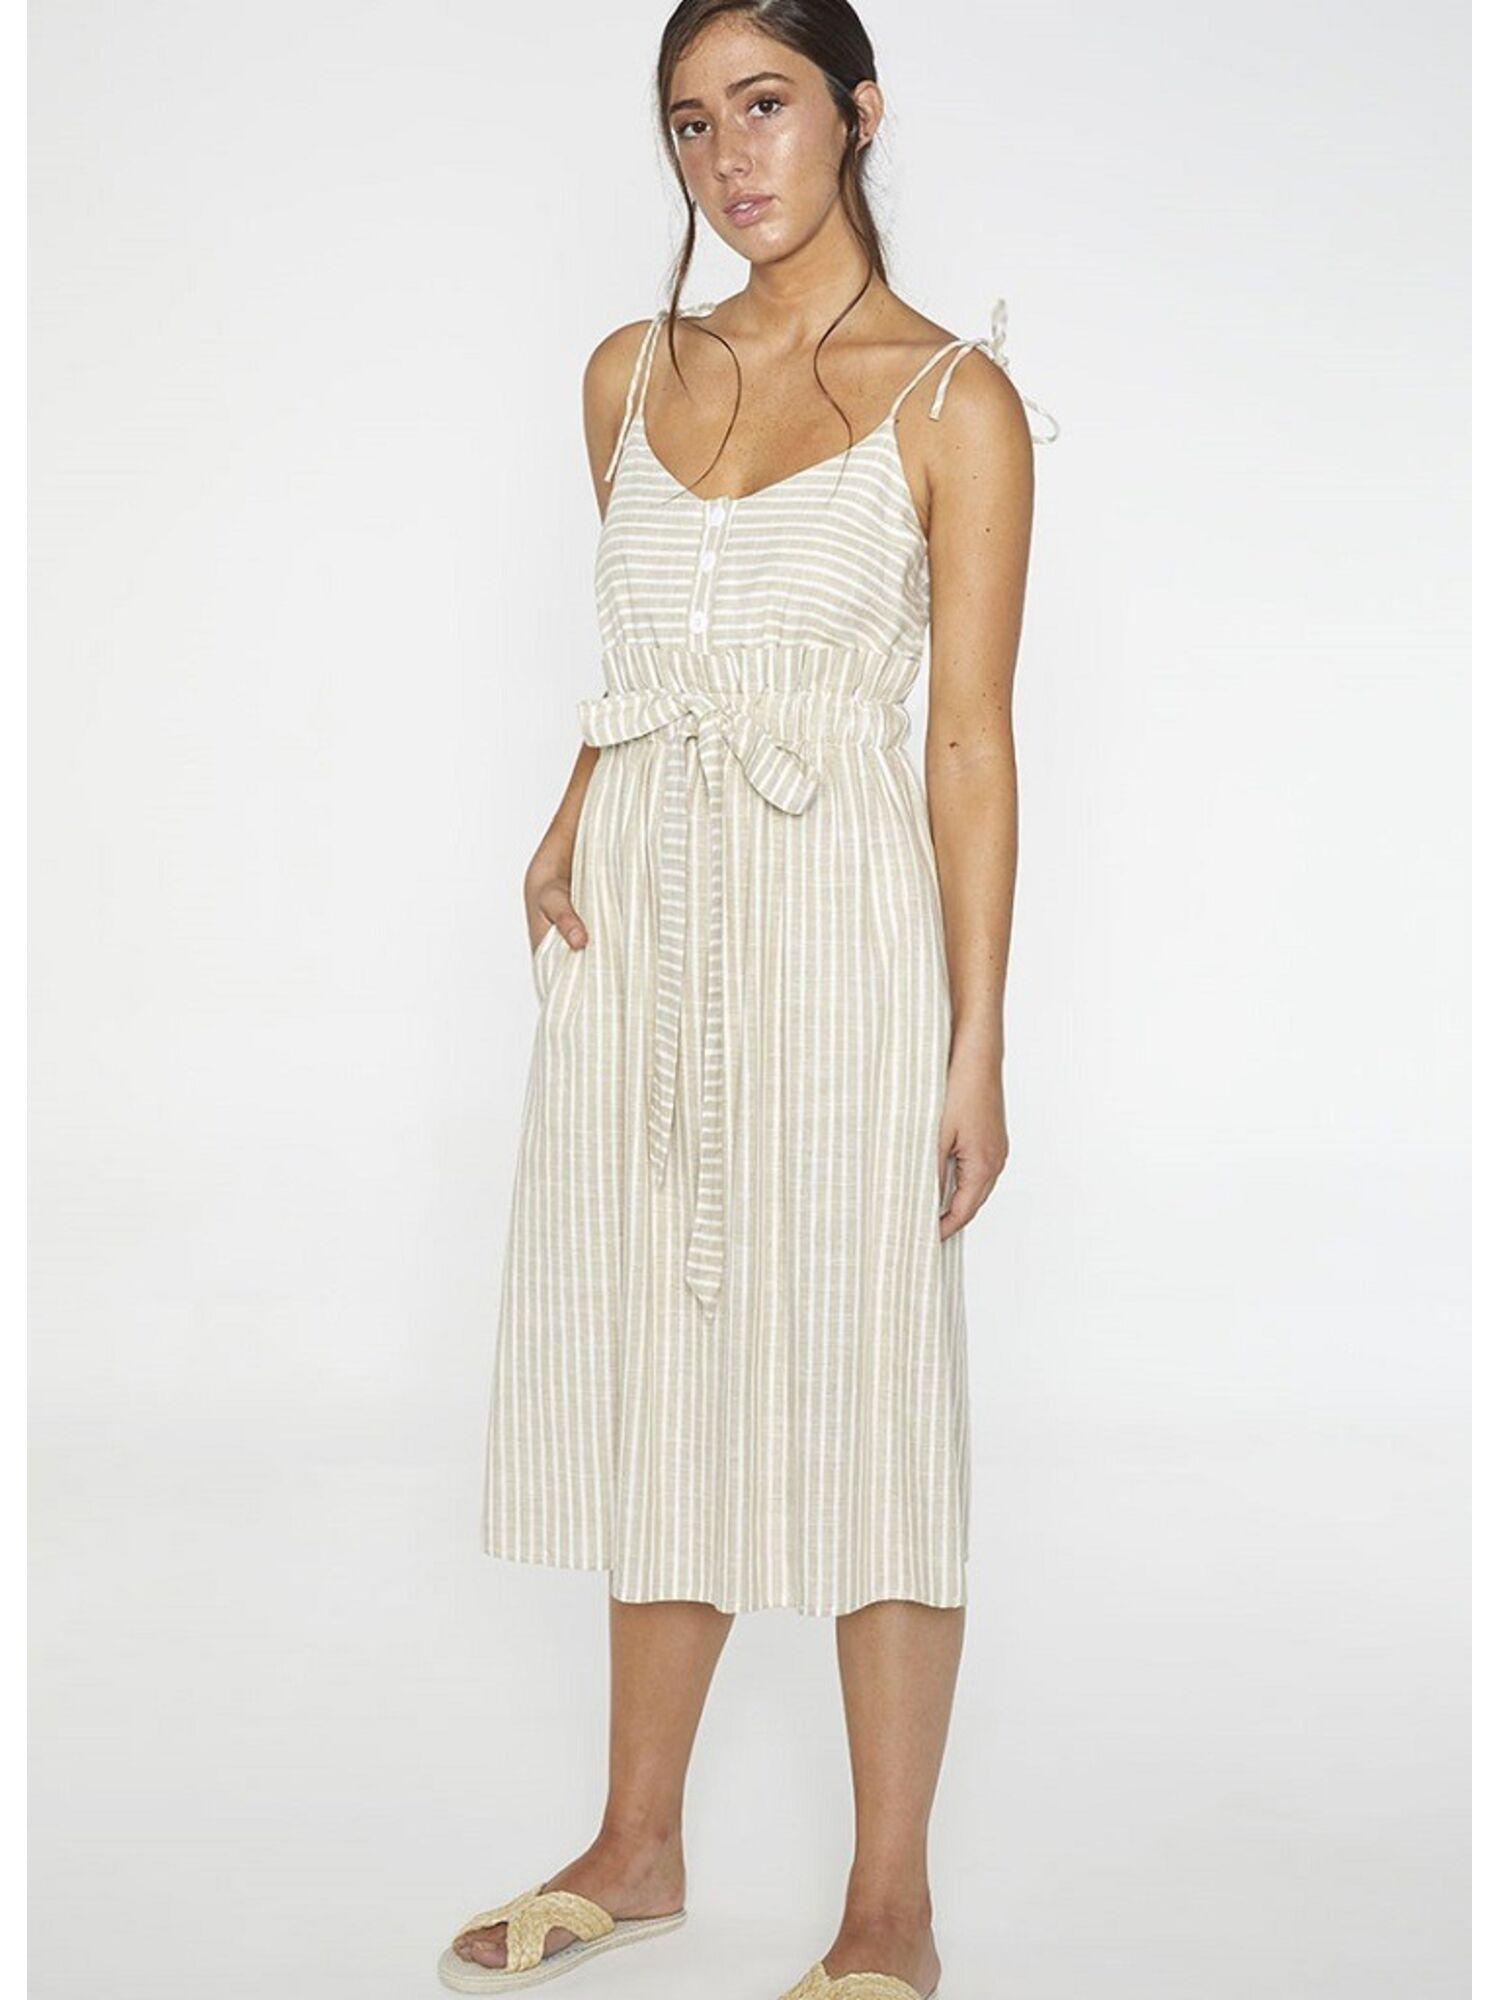 Женское платье пляжное из вискозы 85703 бежевый, Ysabel Mora (Испания)